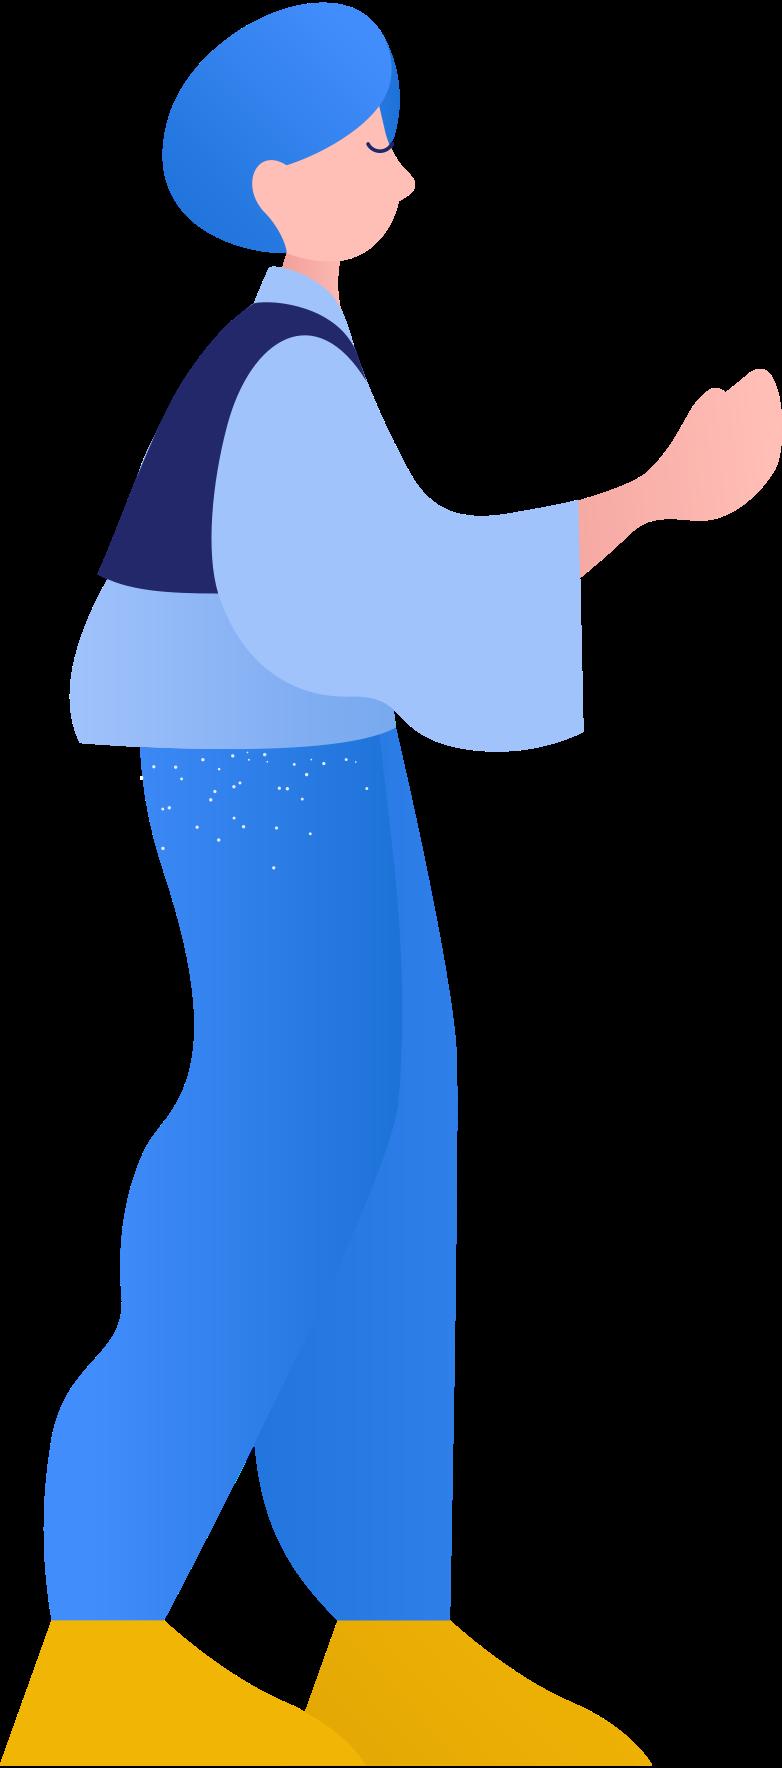 스타일 인도 남자 PNG 및 SVG 형식의 벡터 이미지   Icons8 일러스트레이션